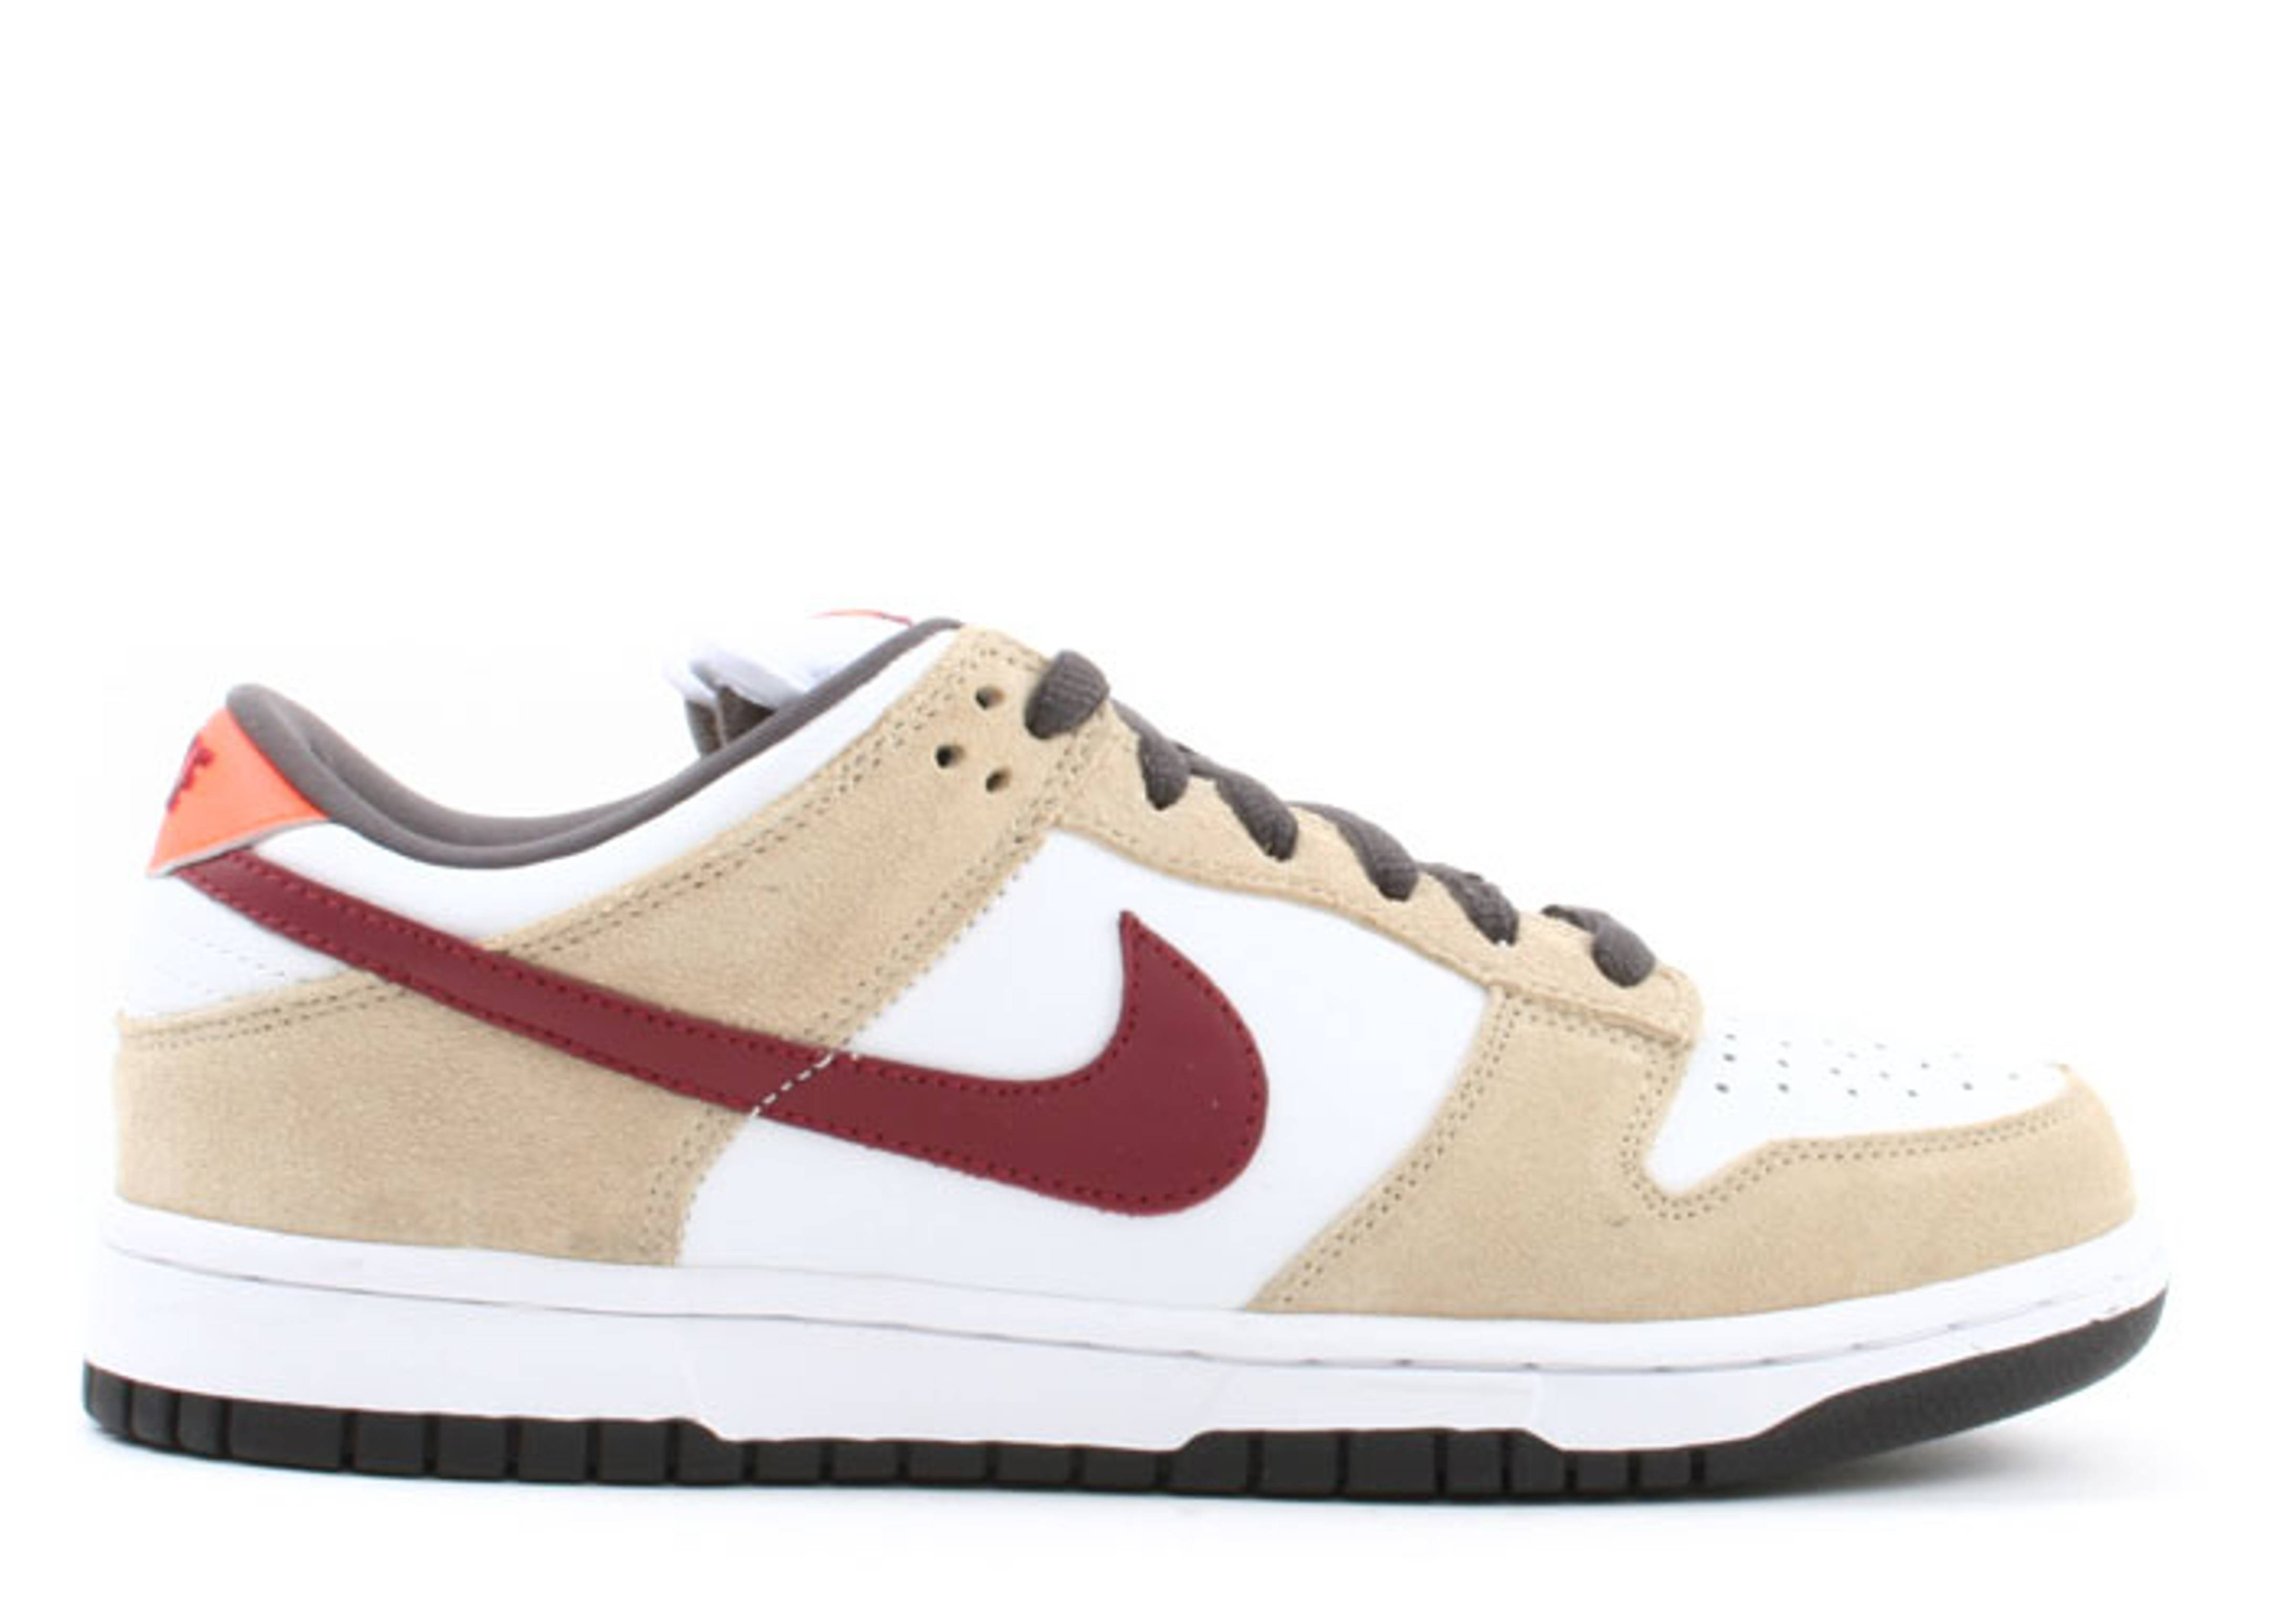 Nike Dunk Rouge Faible Varsity Blanc sneakernews de sortie vente best-seller offres en ligne débouché réel dédouanement livraison rapide bxLWrV